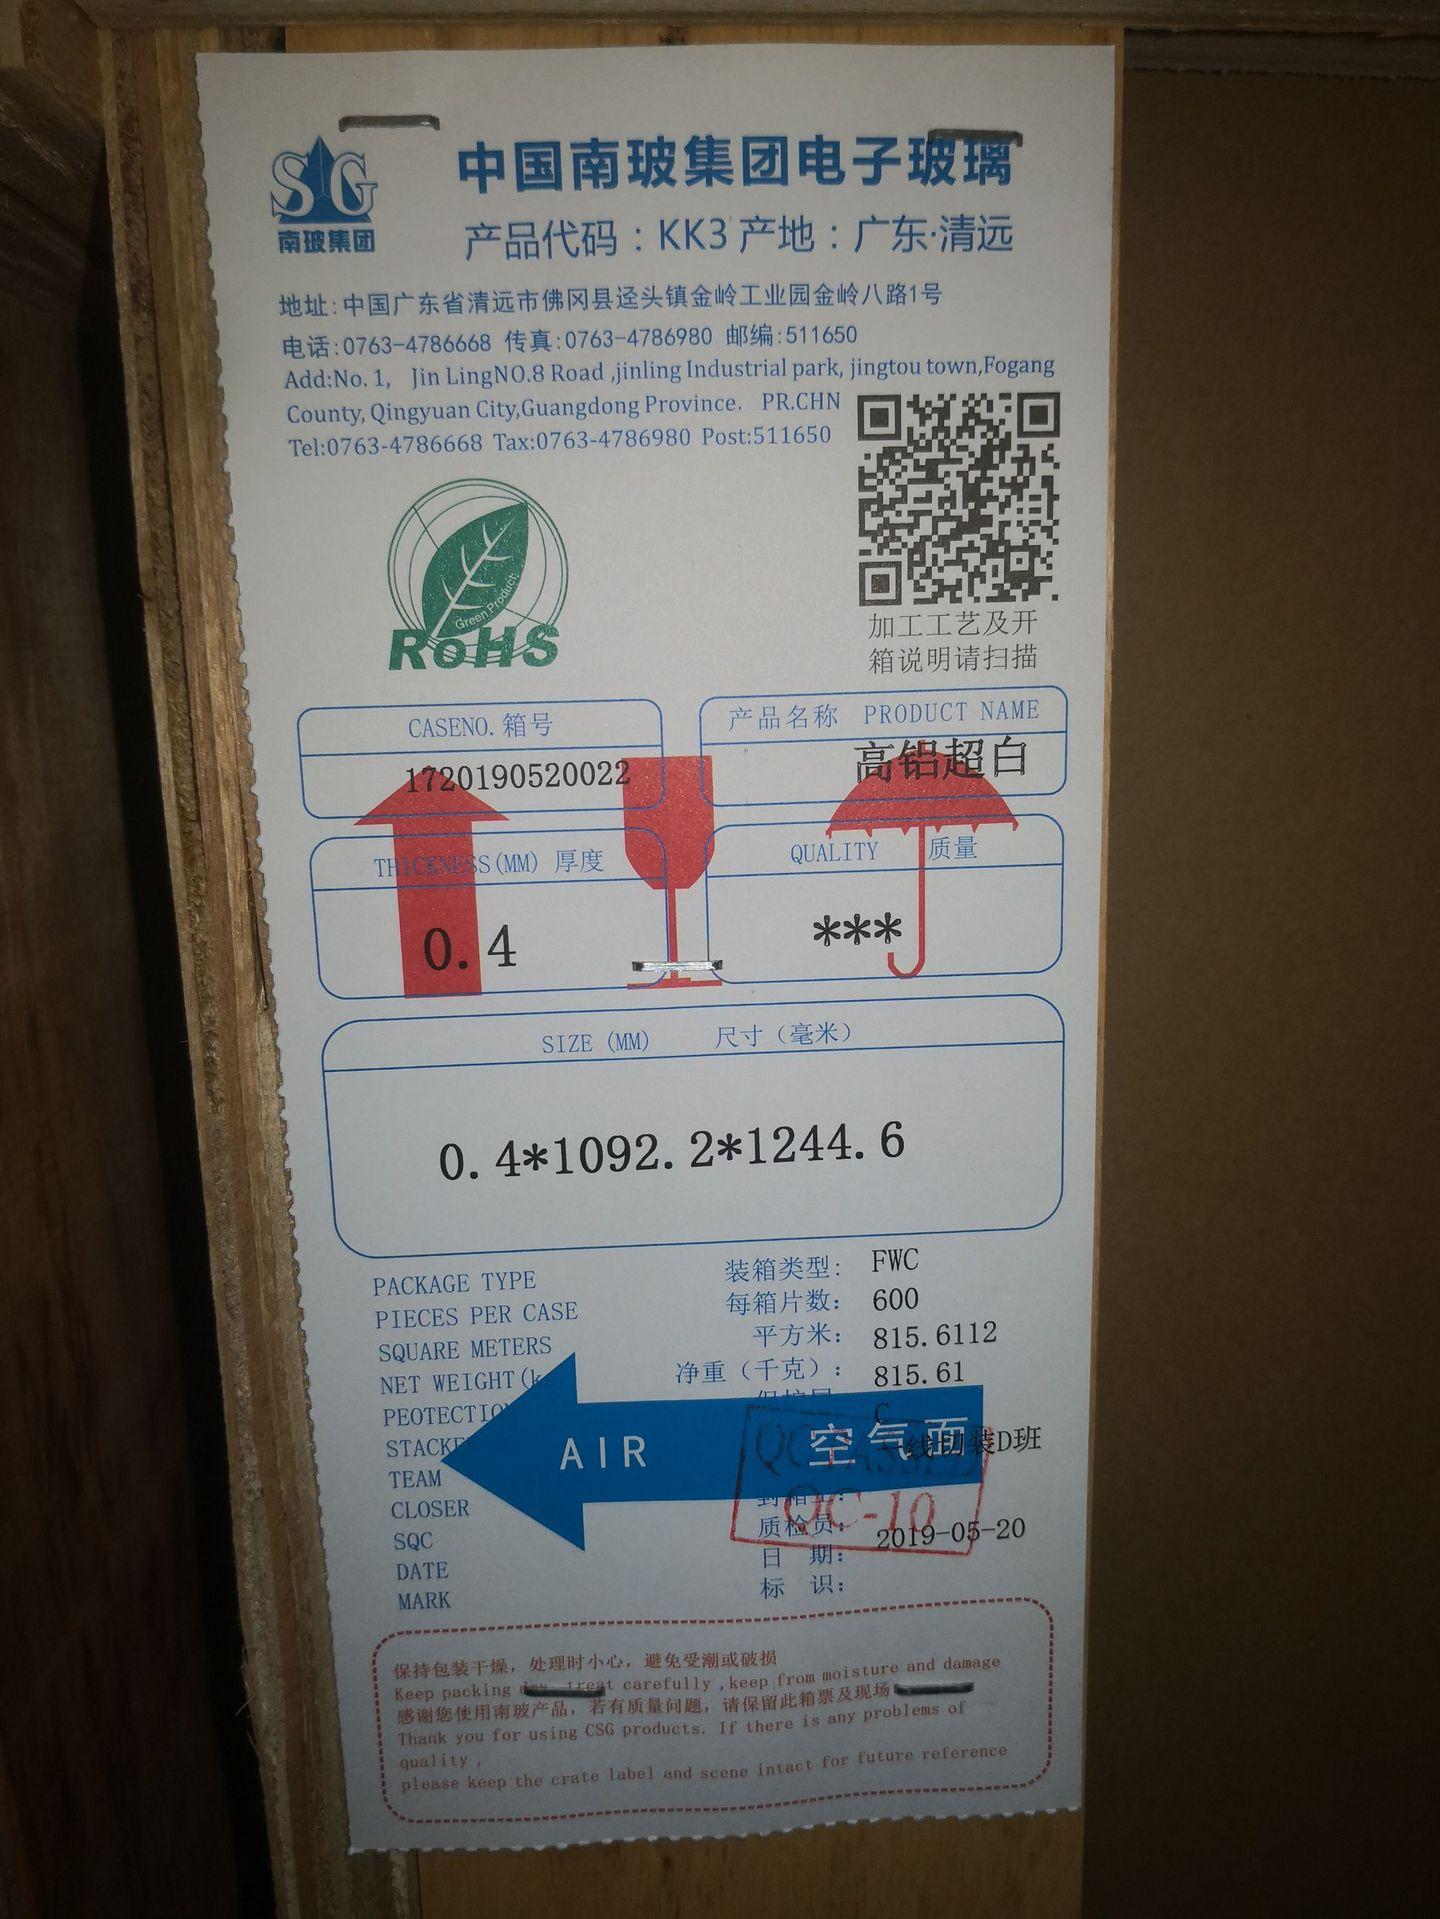 中国南玻集团0.4mm电子玻璃原片超薄超透中铝 高铝原料 浮法玻璃